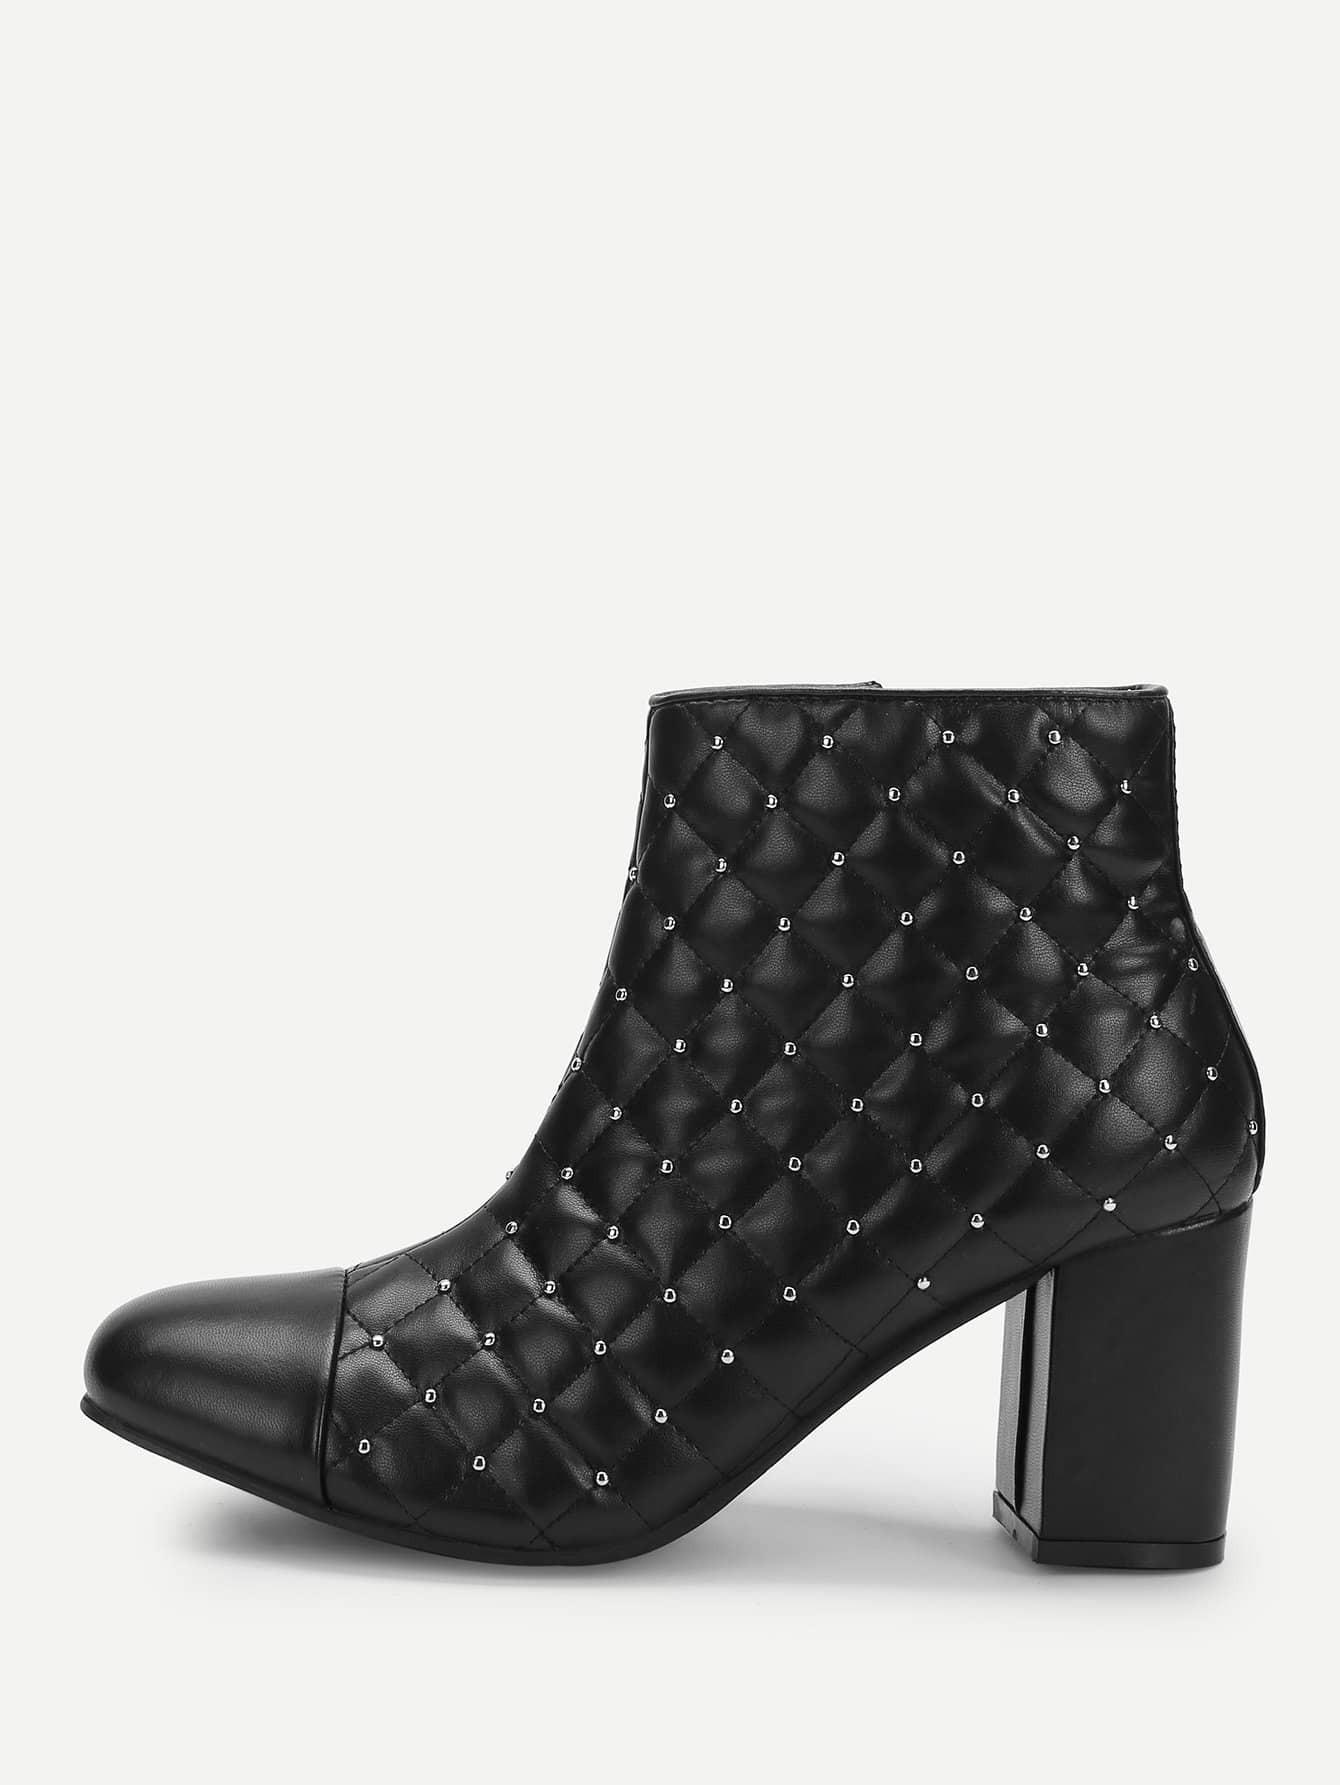 Купить Короткие сапоги на высоких каблуках с заклёпками, null, SheIn